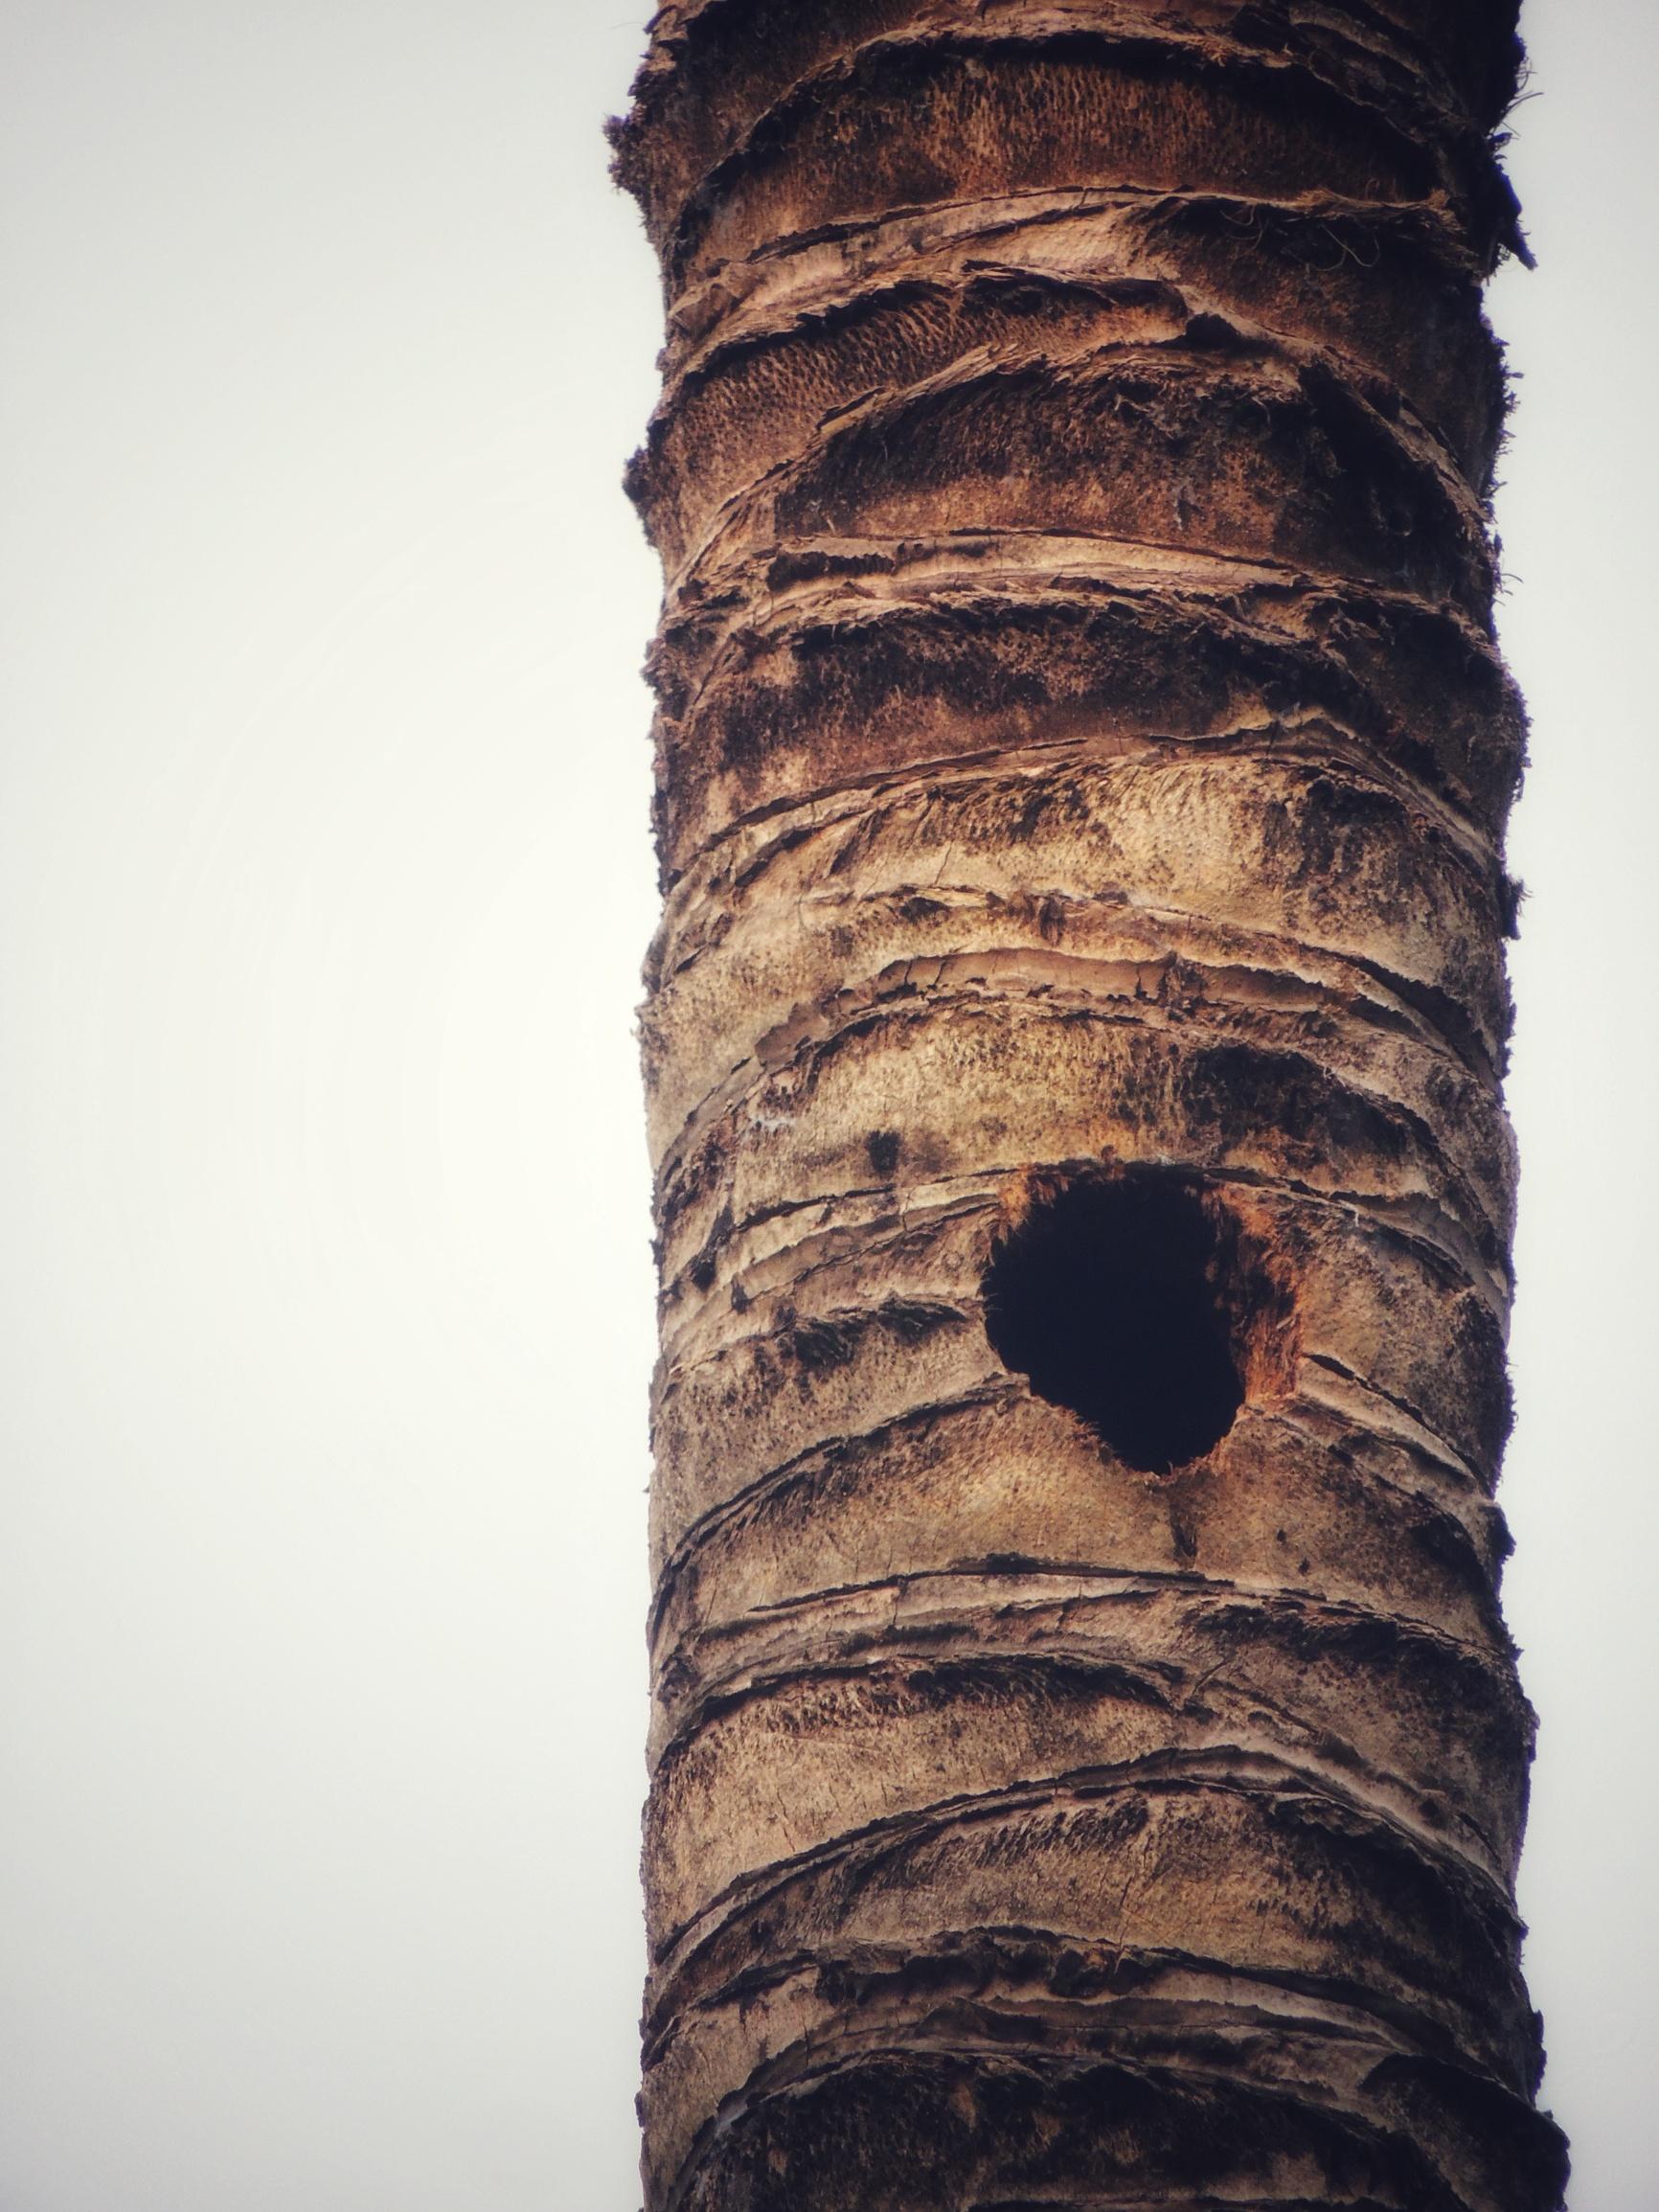 Nest of woodpecker in the tree